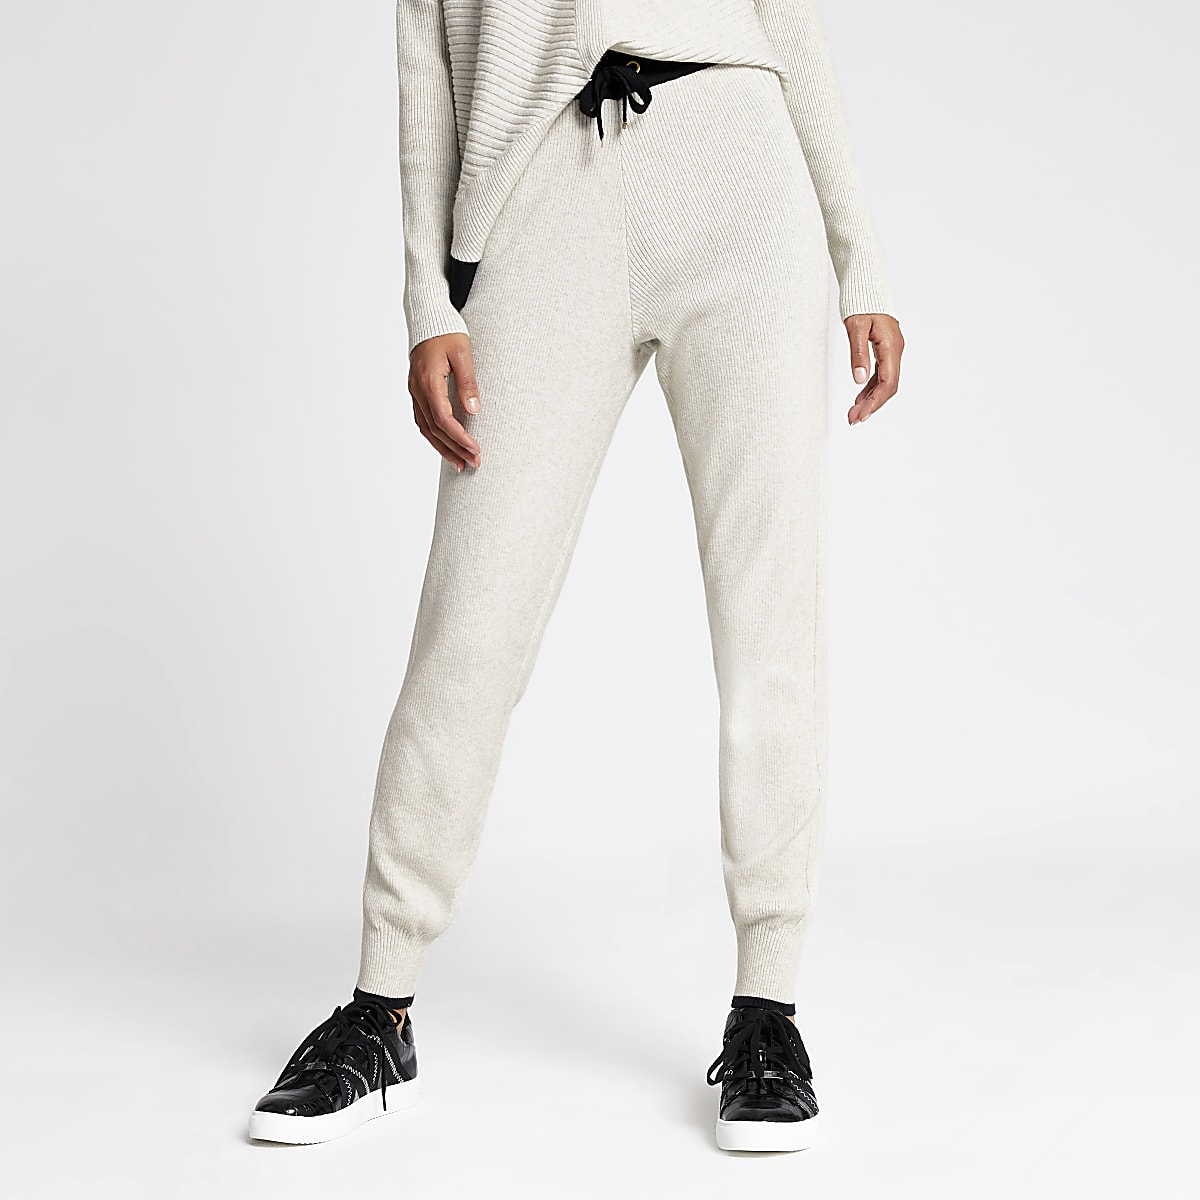 Pantalon de jogging en maille crème